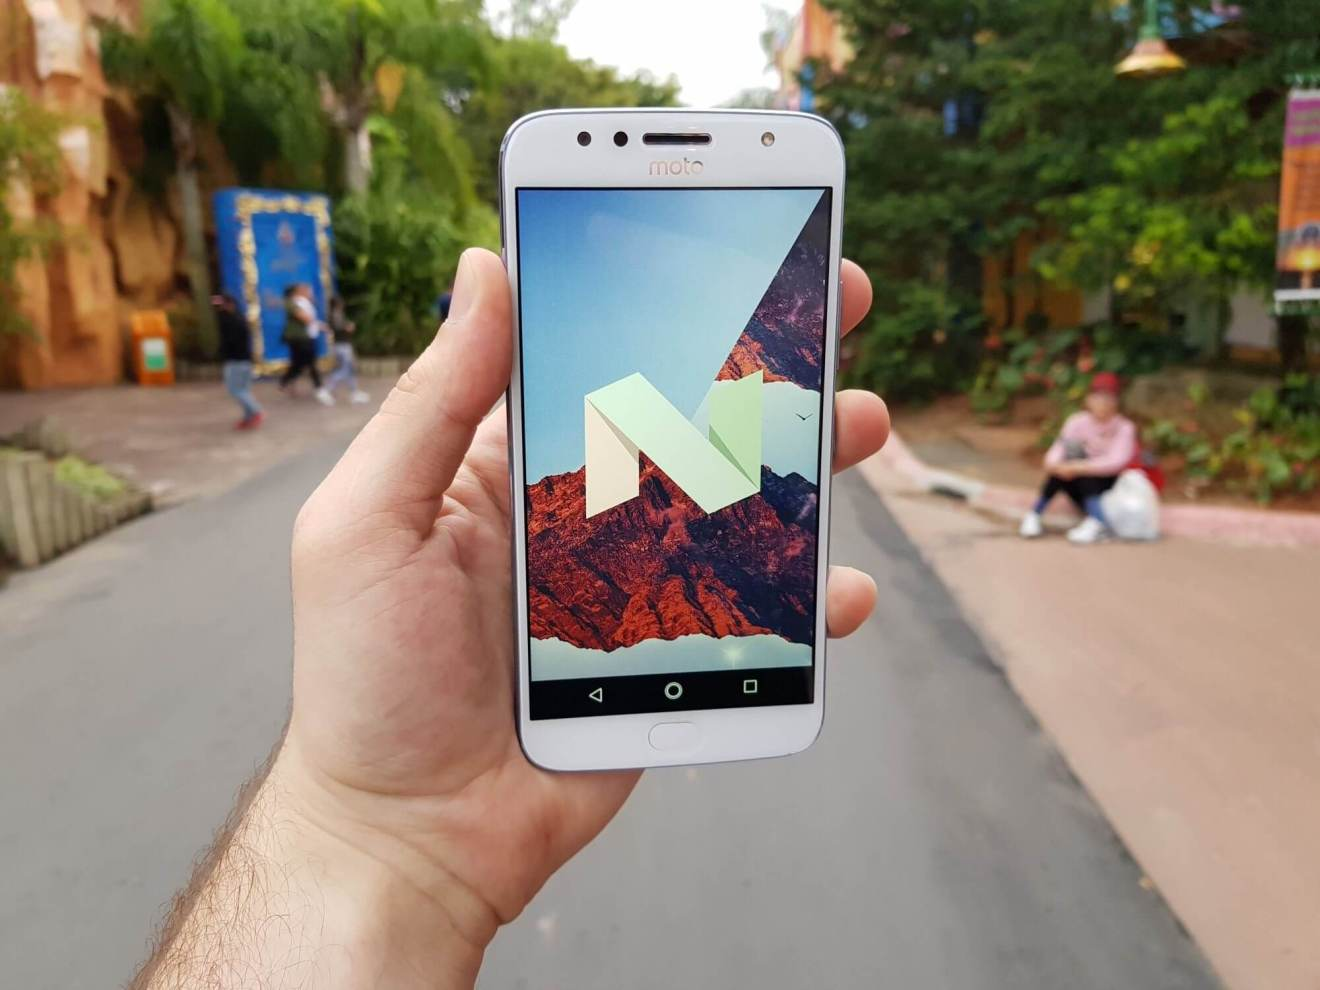 20170930 172546 - Review: Moto G5S Plus, o intermediário com câmera dupla